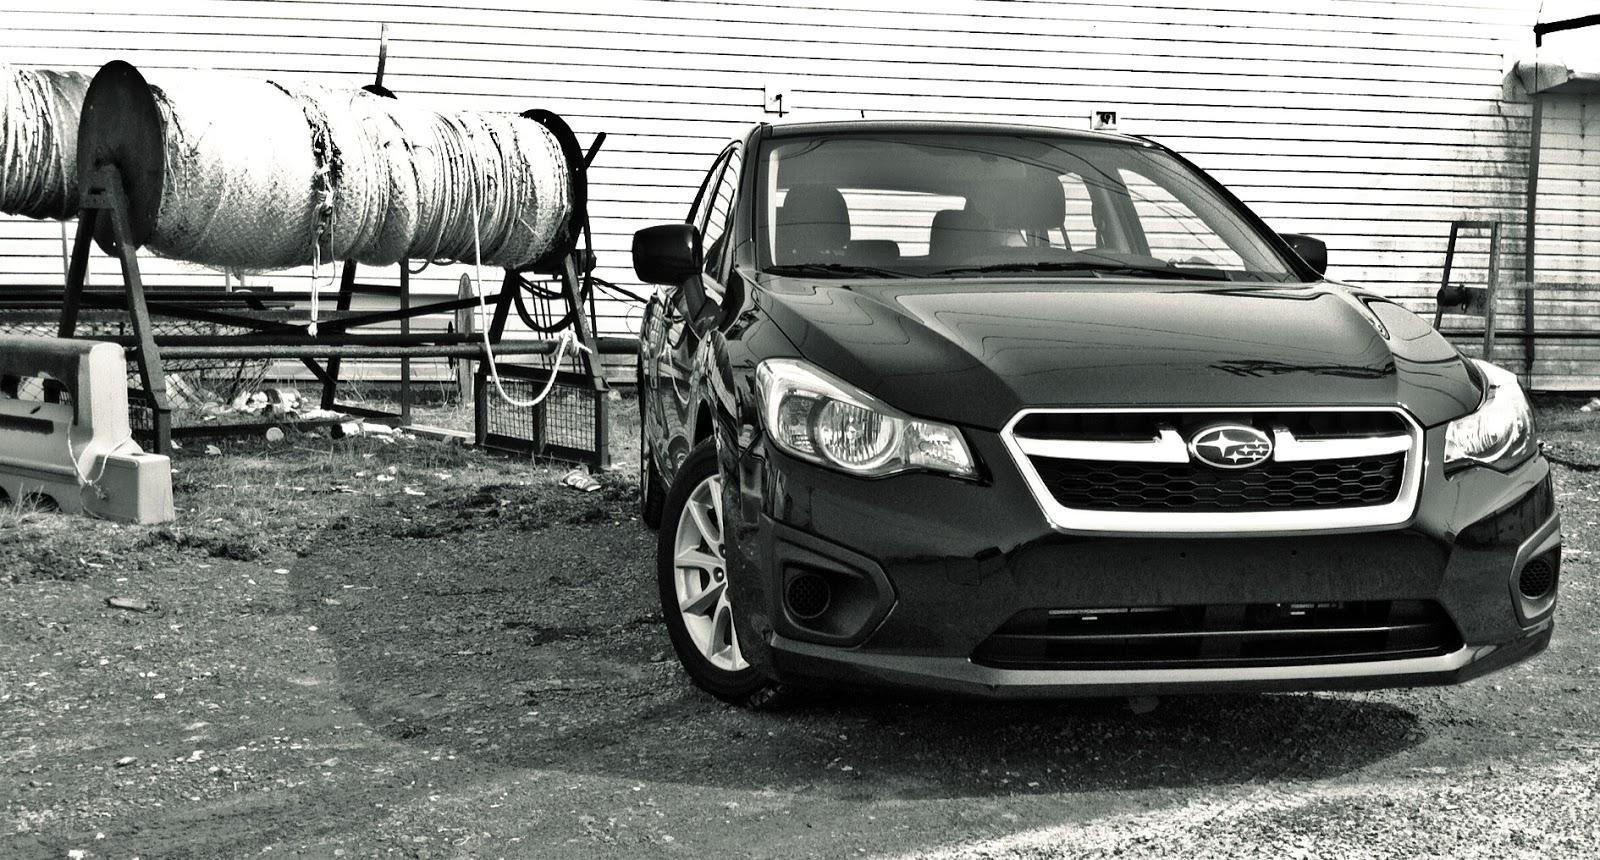 2014 Subaru Impreza Touring front